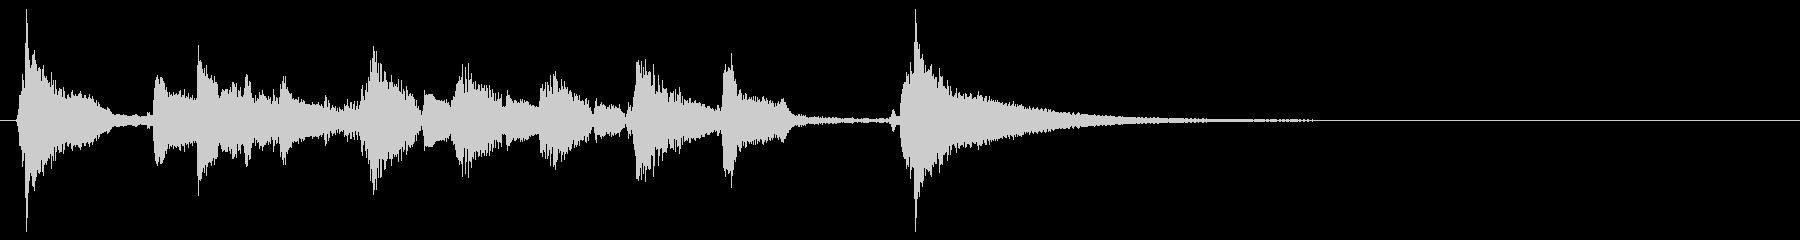 ウクレレの明るいジングルの未再生の波形